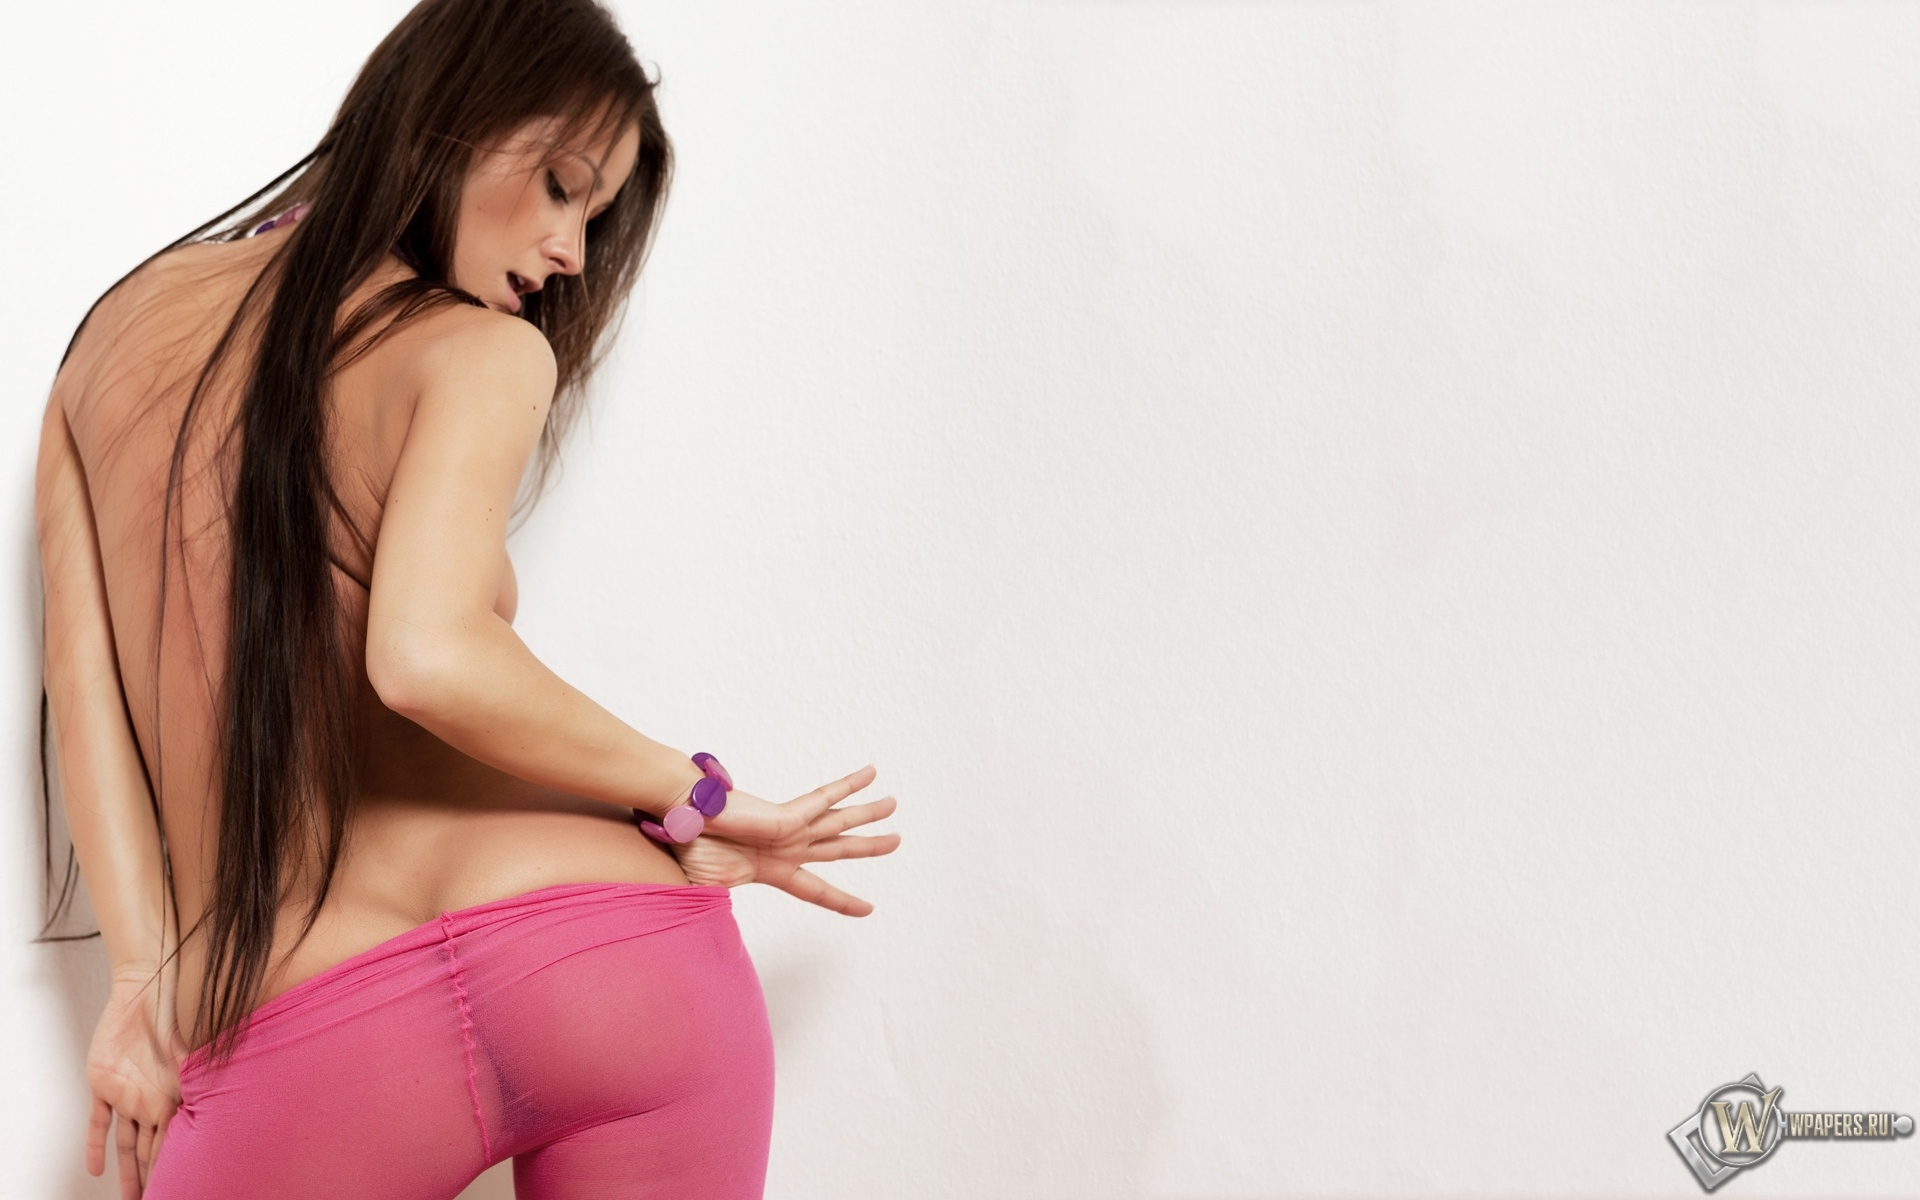 Мелиса в розовых колготках 1920x1200